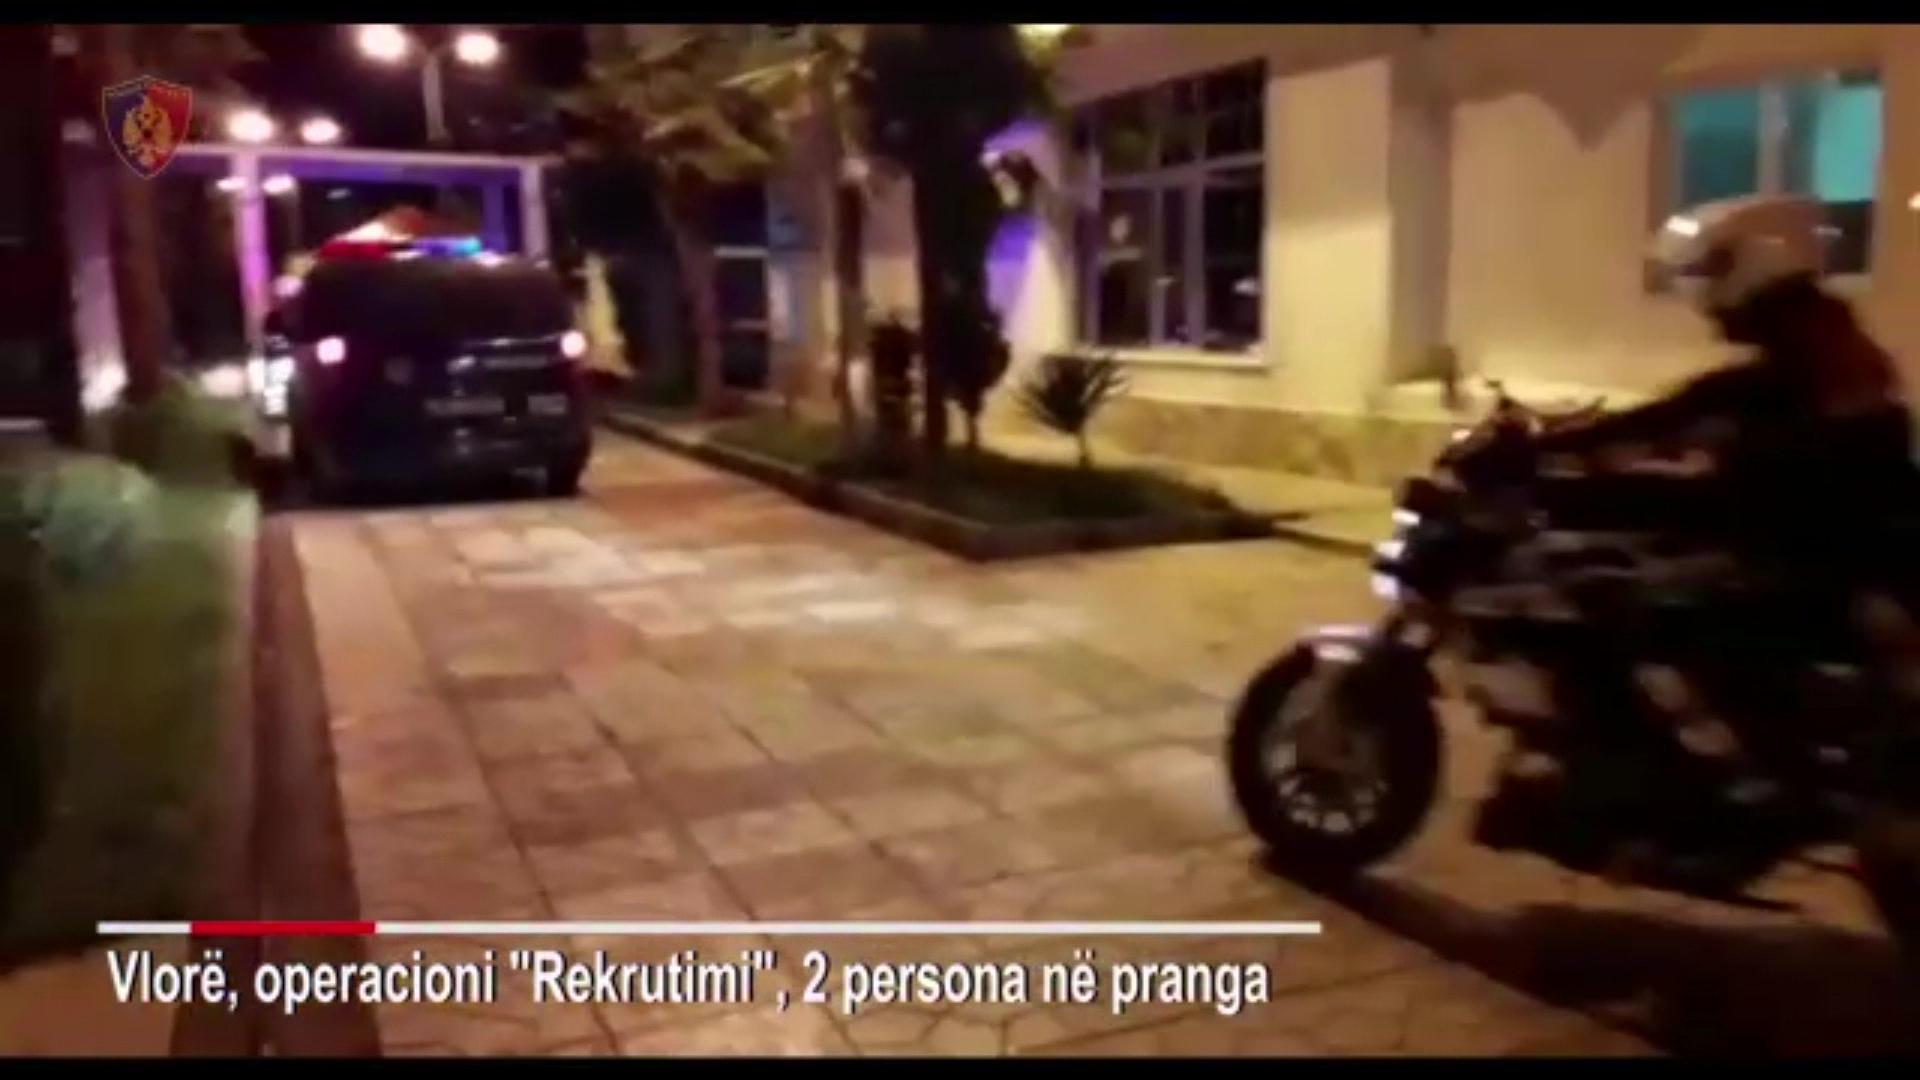 Vlorë, arrestohet ushtaraku, mori 2 mijë euro për një vend pune